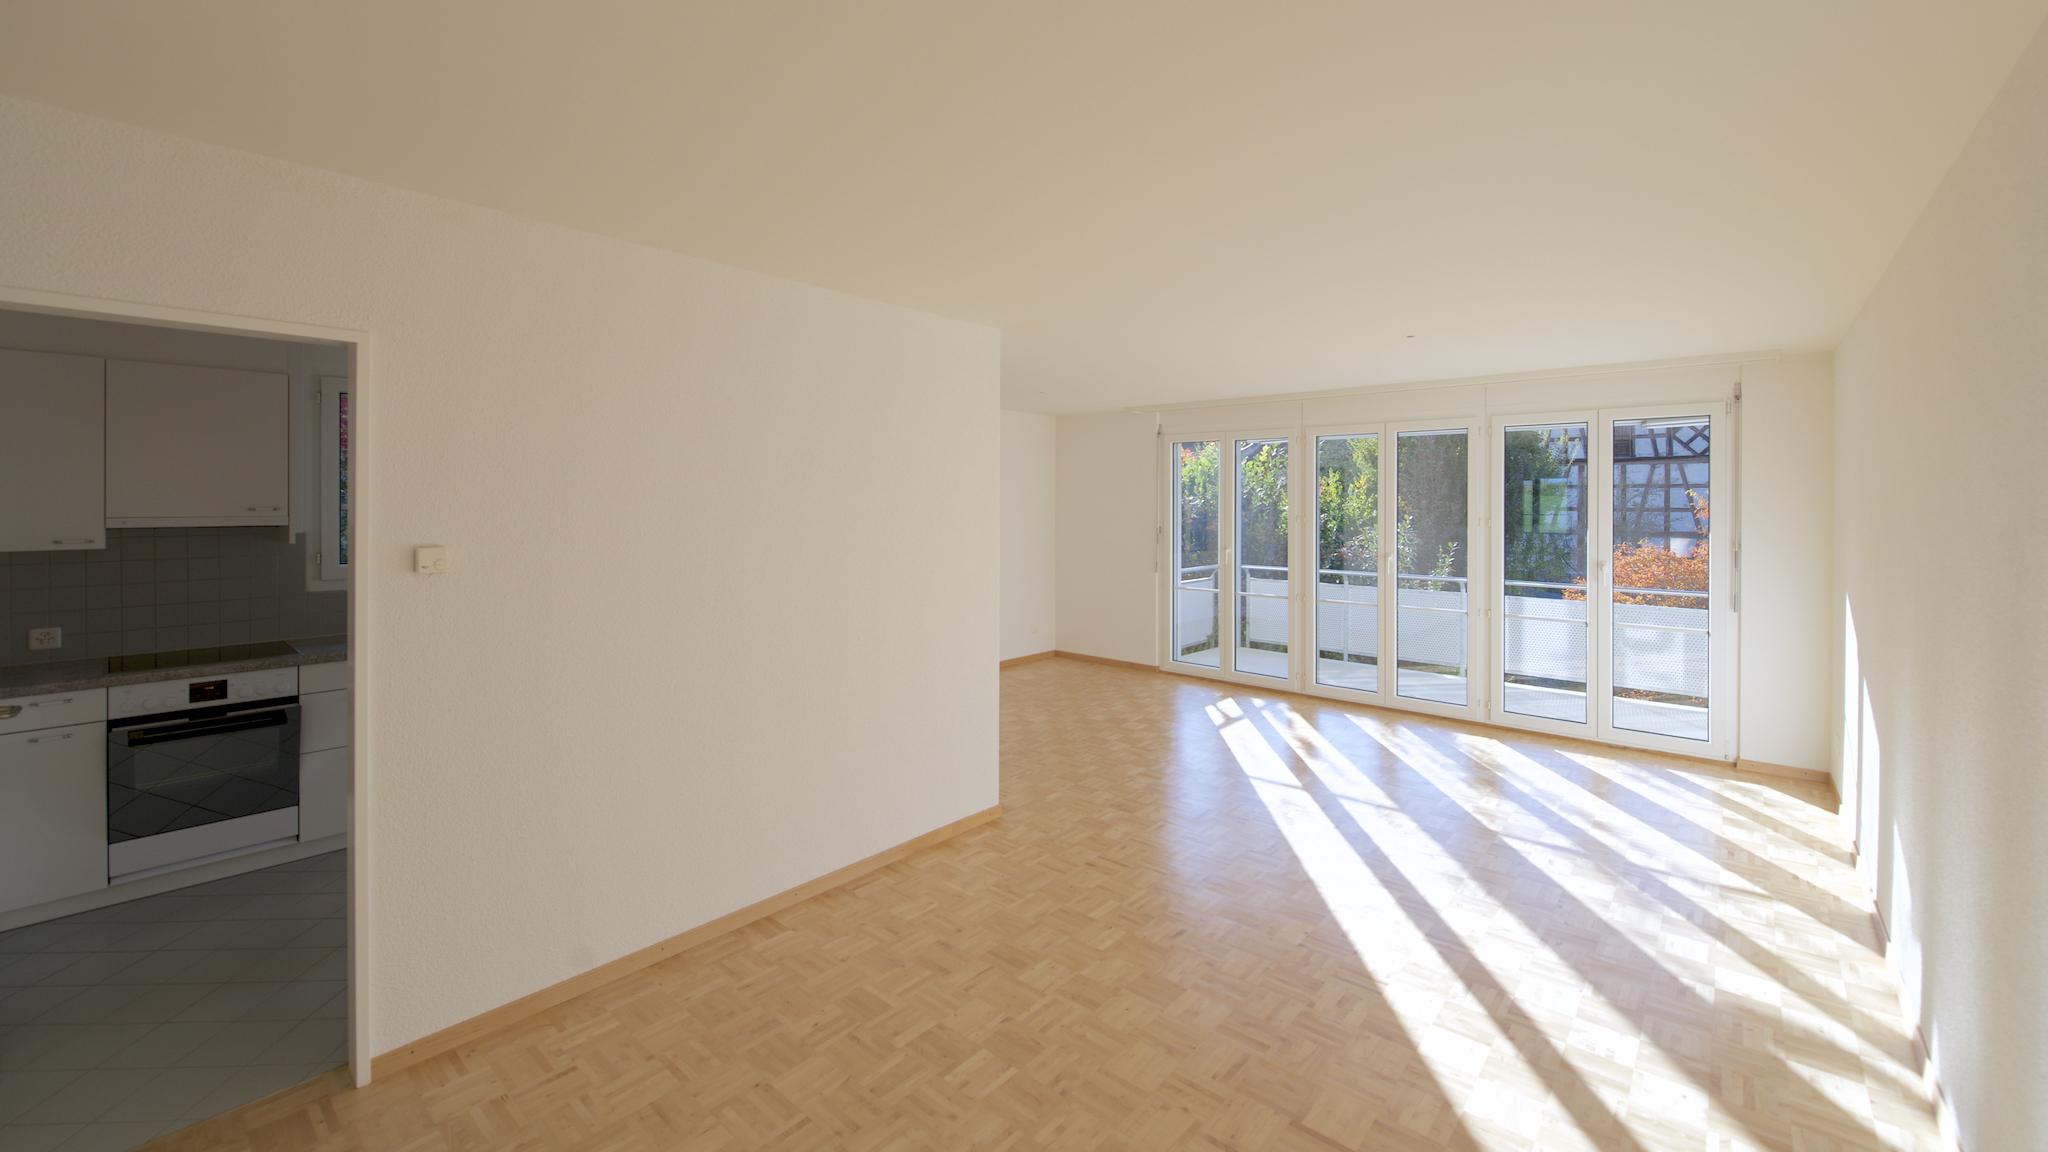 Essbereich mit der Küche links, und dem balkon